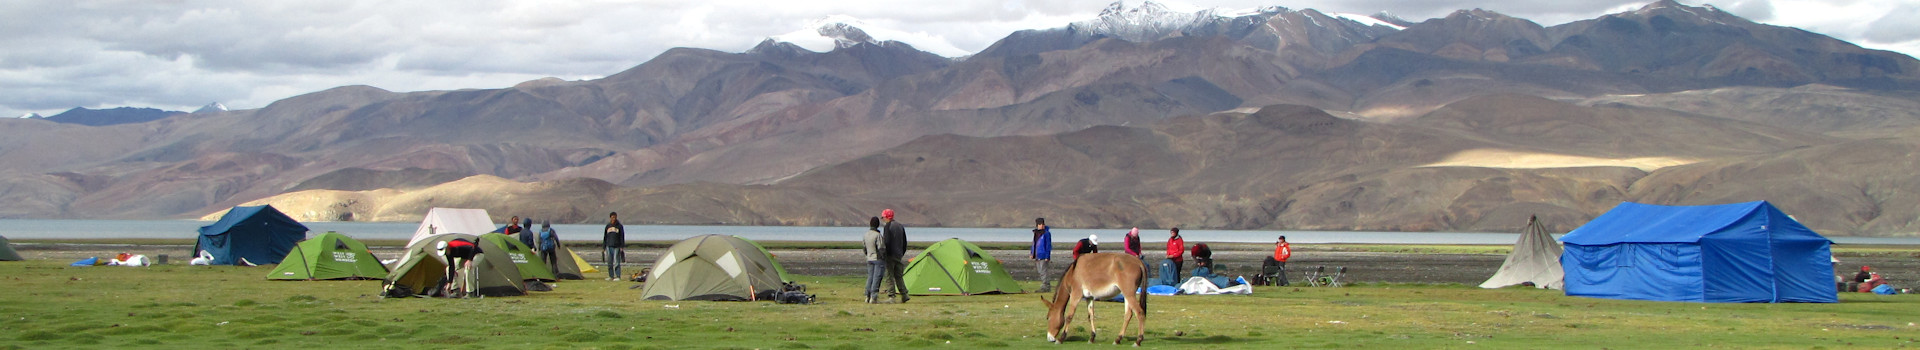 Trekkingreise Ladakh – Teil 2